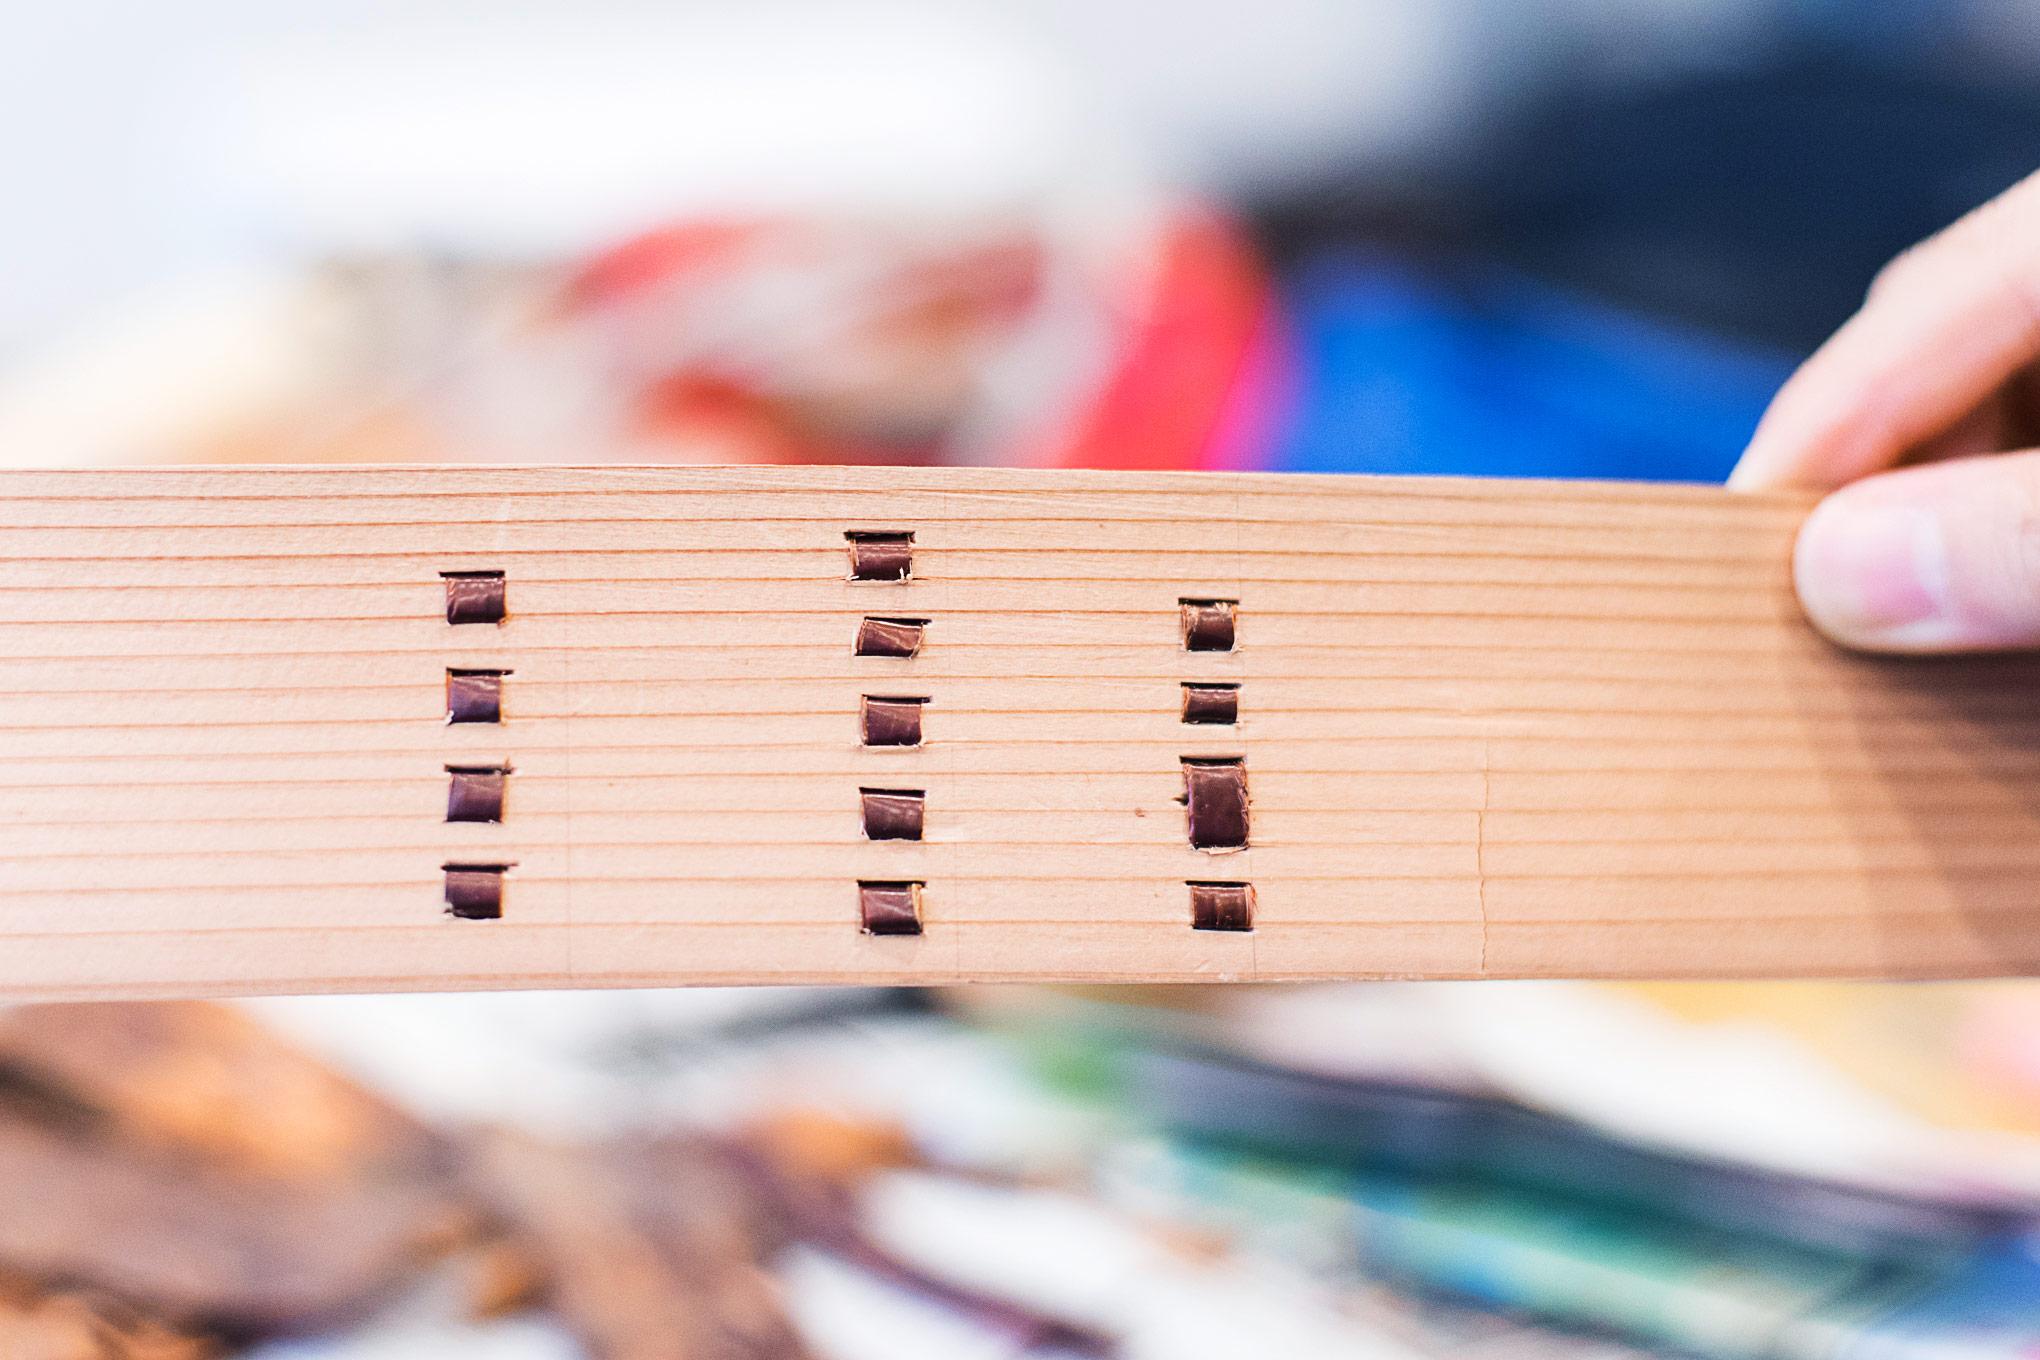 【神山曲げわっぱプロジェクトその16】桜の皮を通す練習をしました